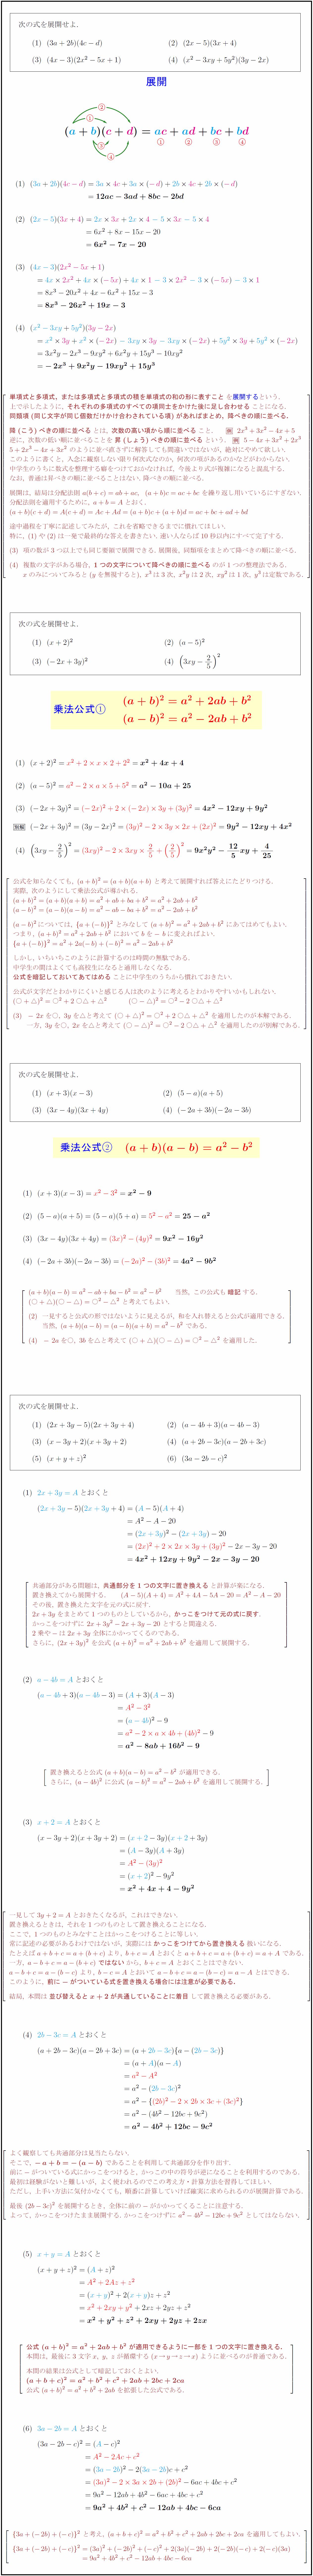 公式 乗法